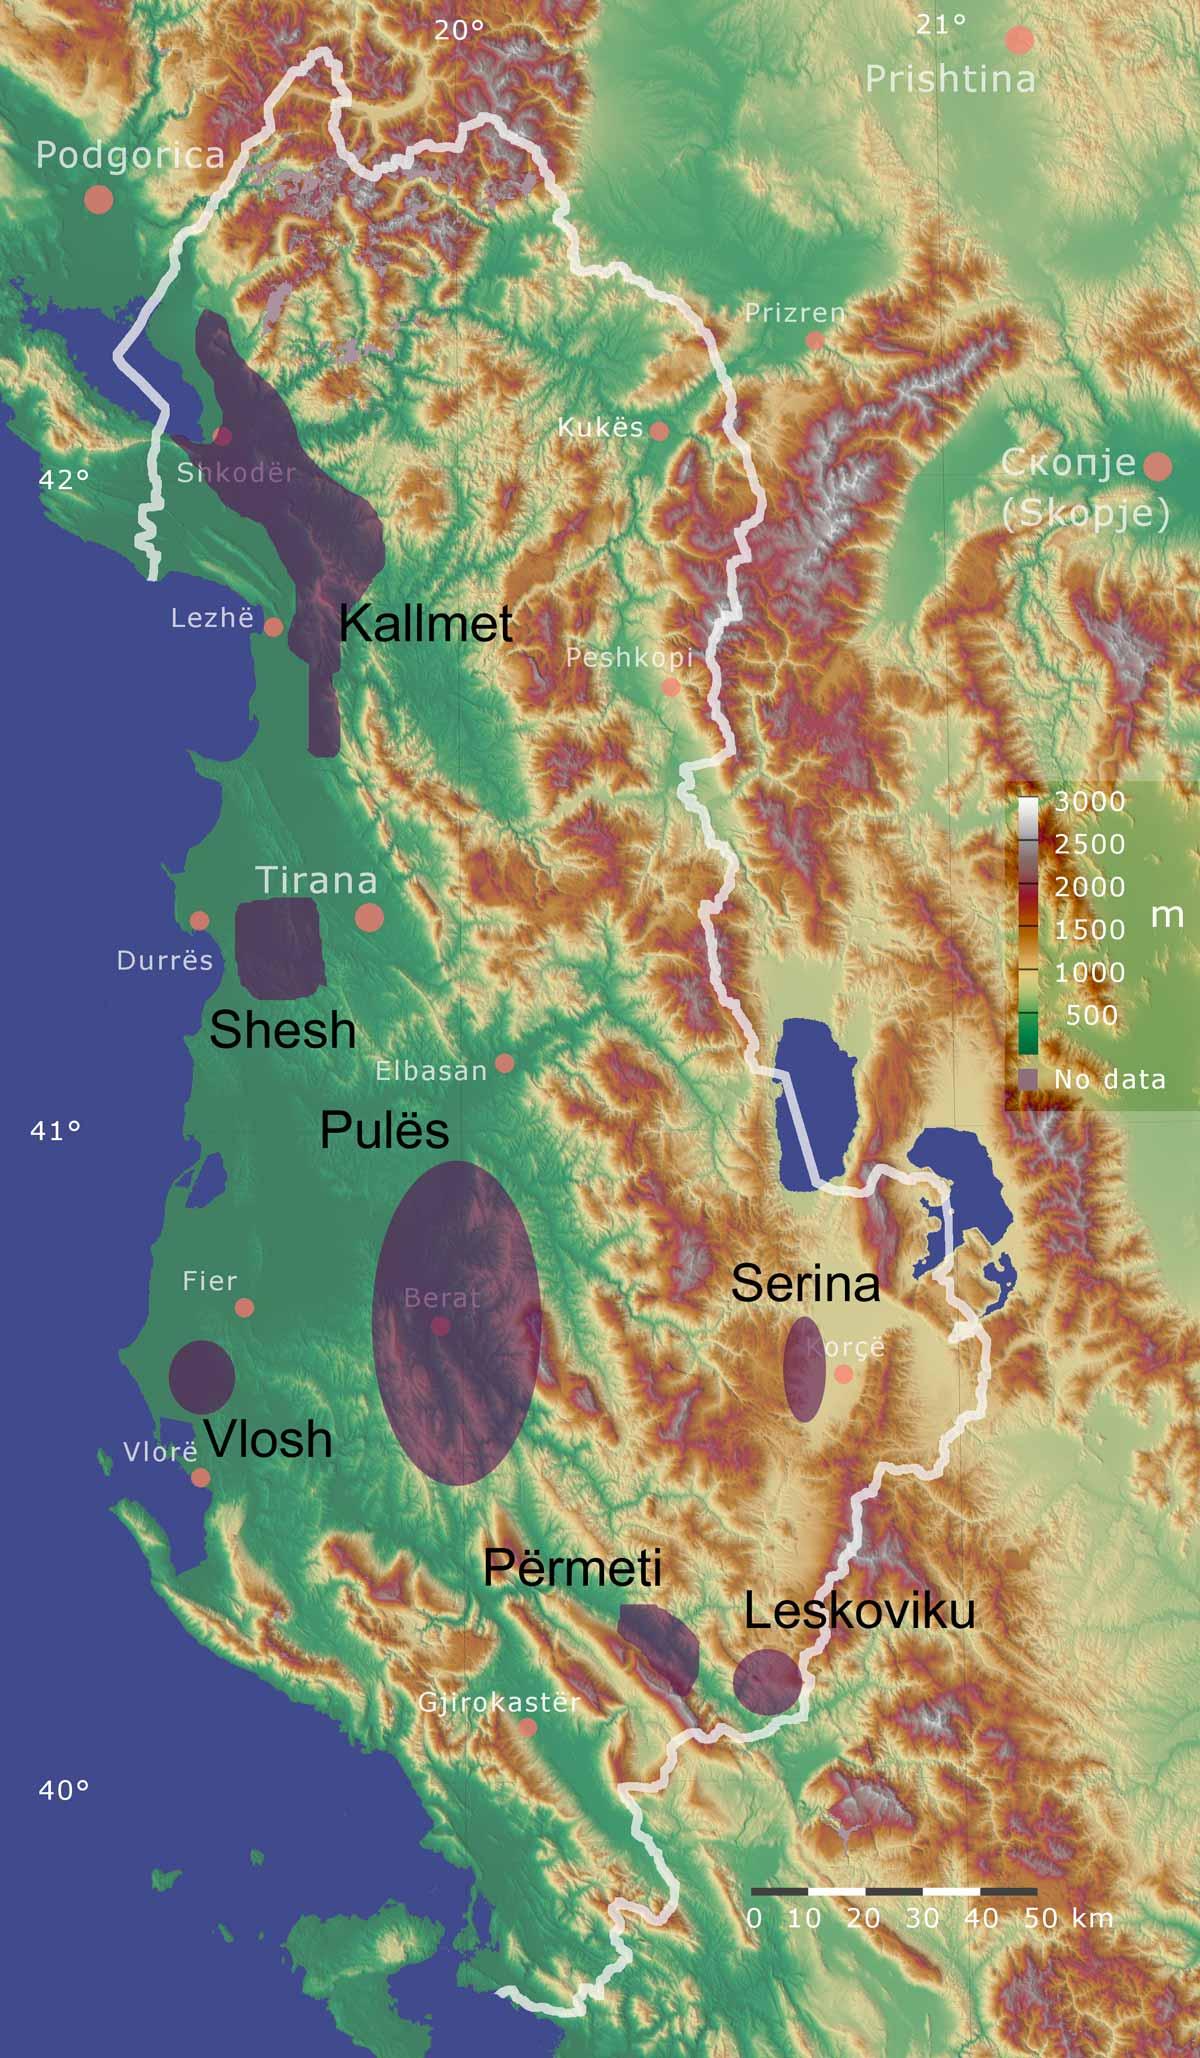 Mapa de las regiones de vino albanés